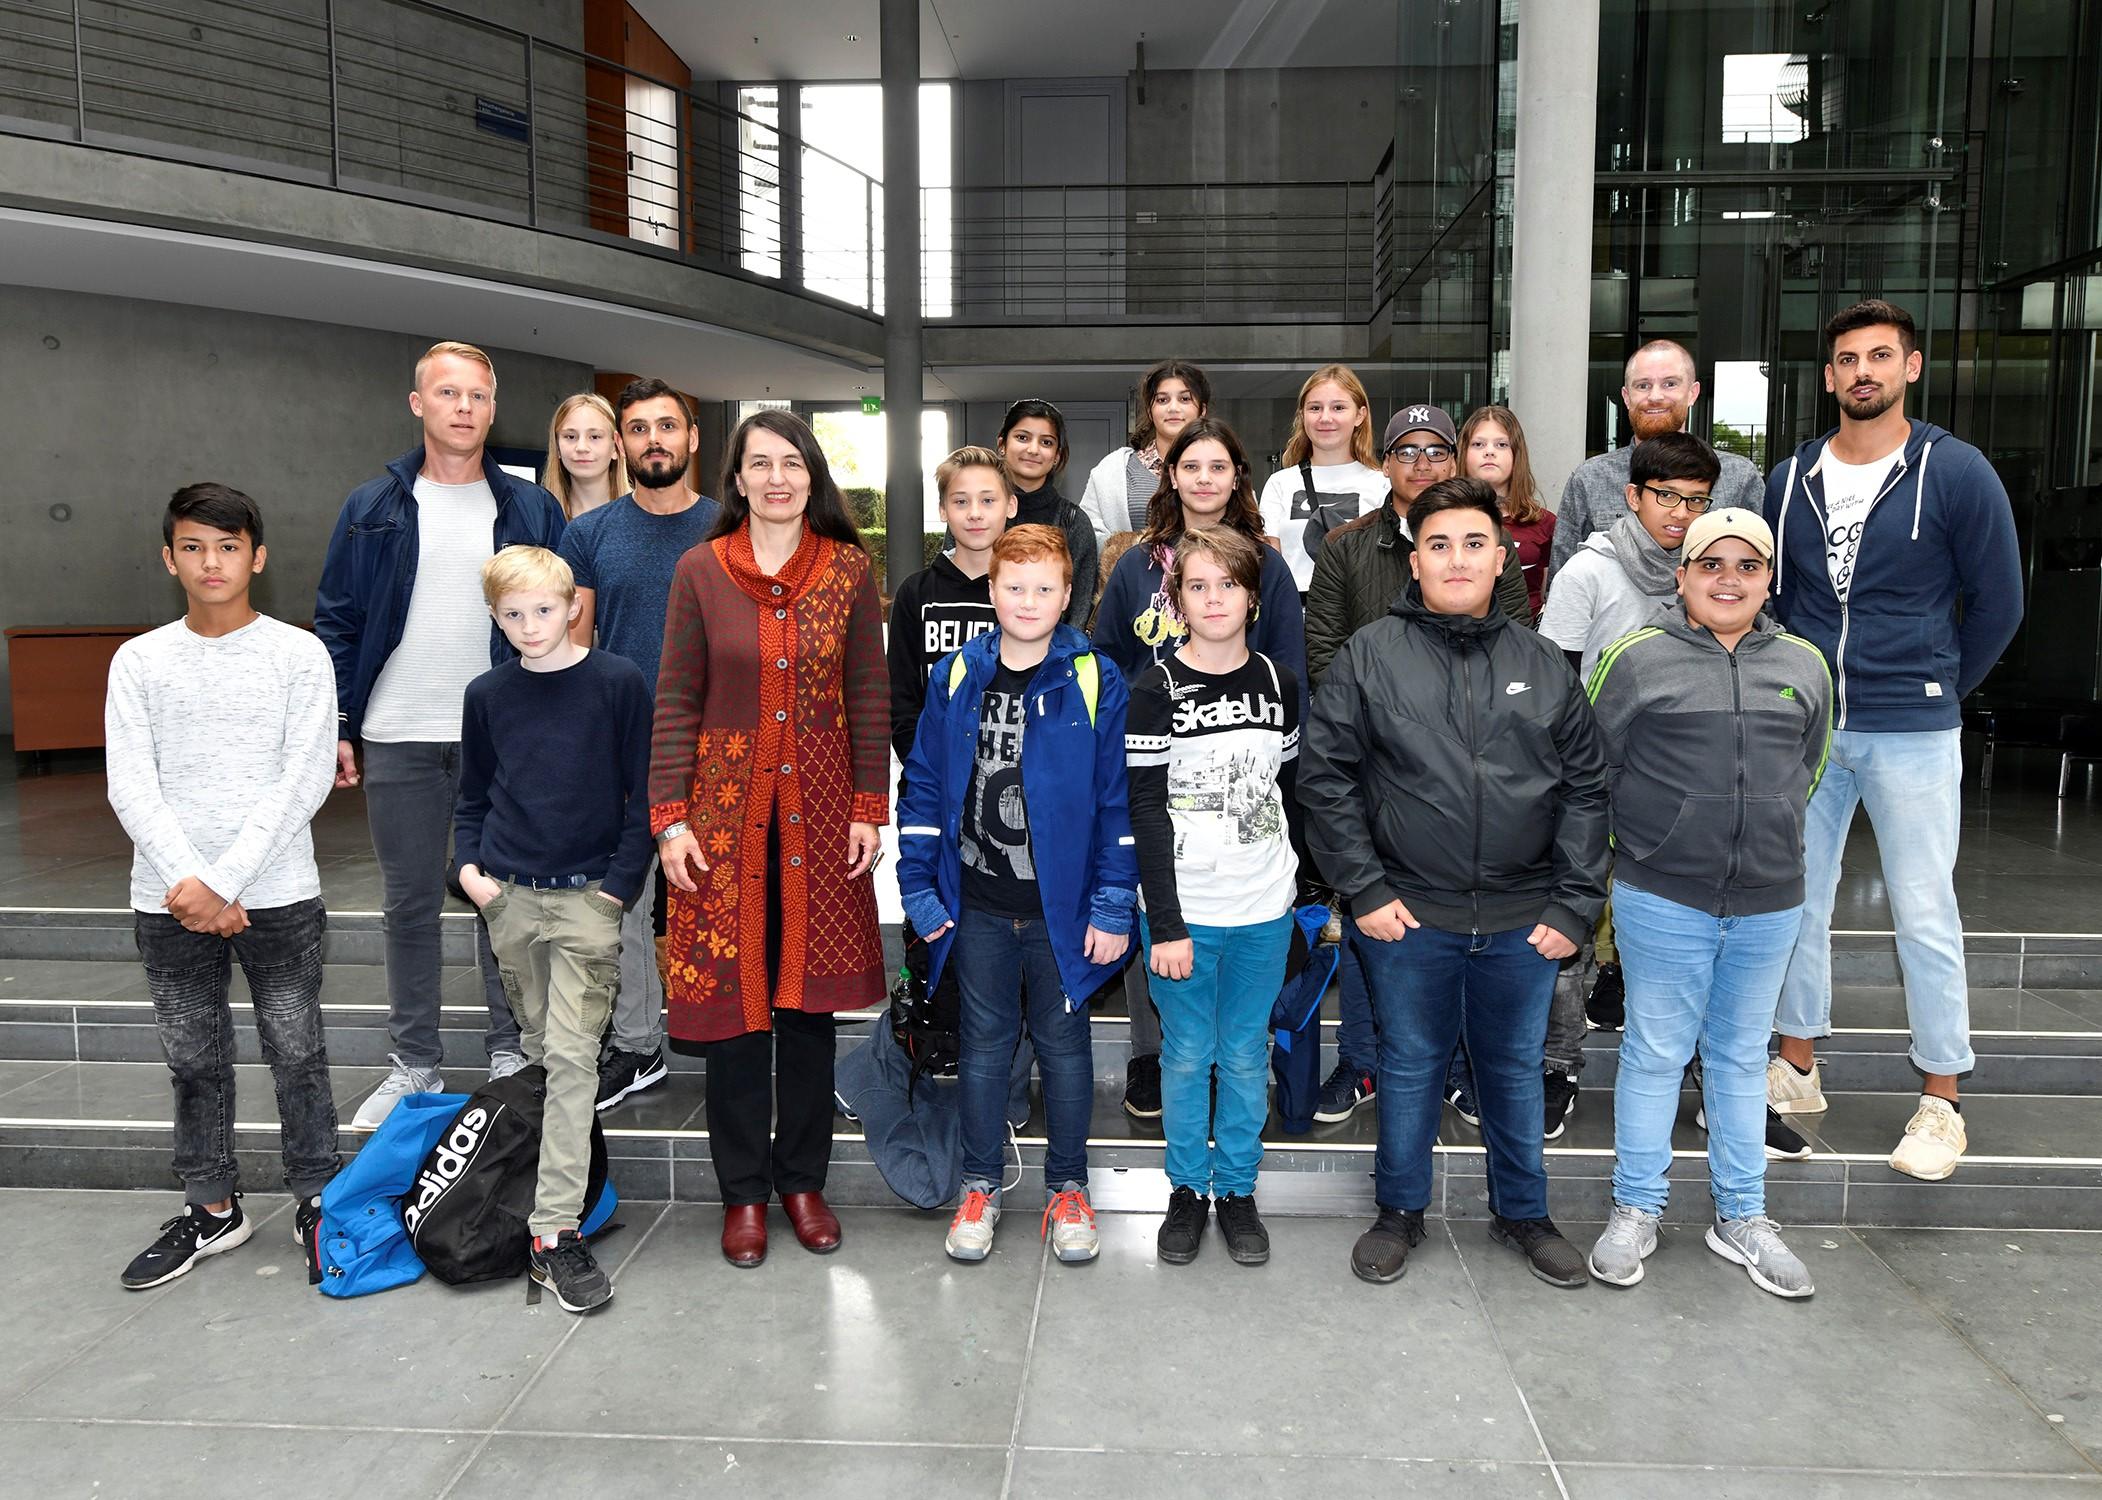 Jugendliche aus Celler Stadtteilprojekten erweitern Demokratieverständnis